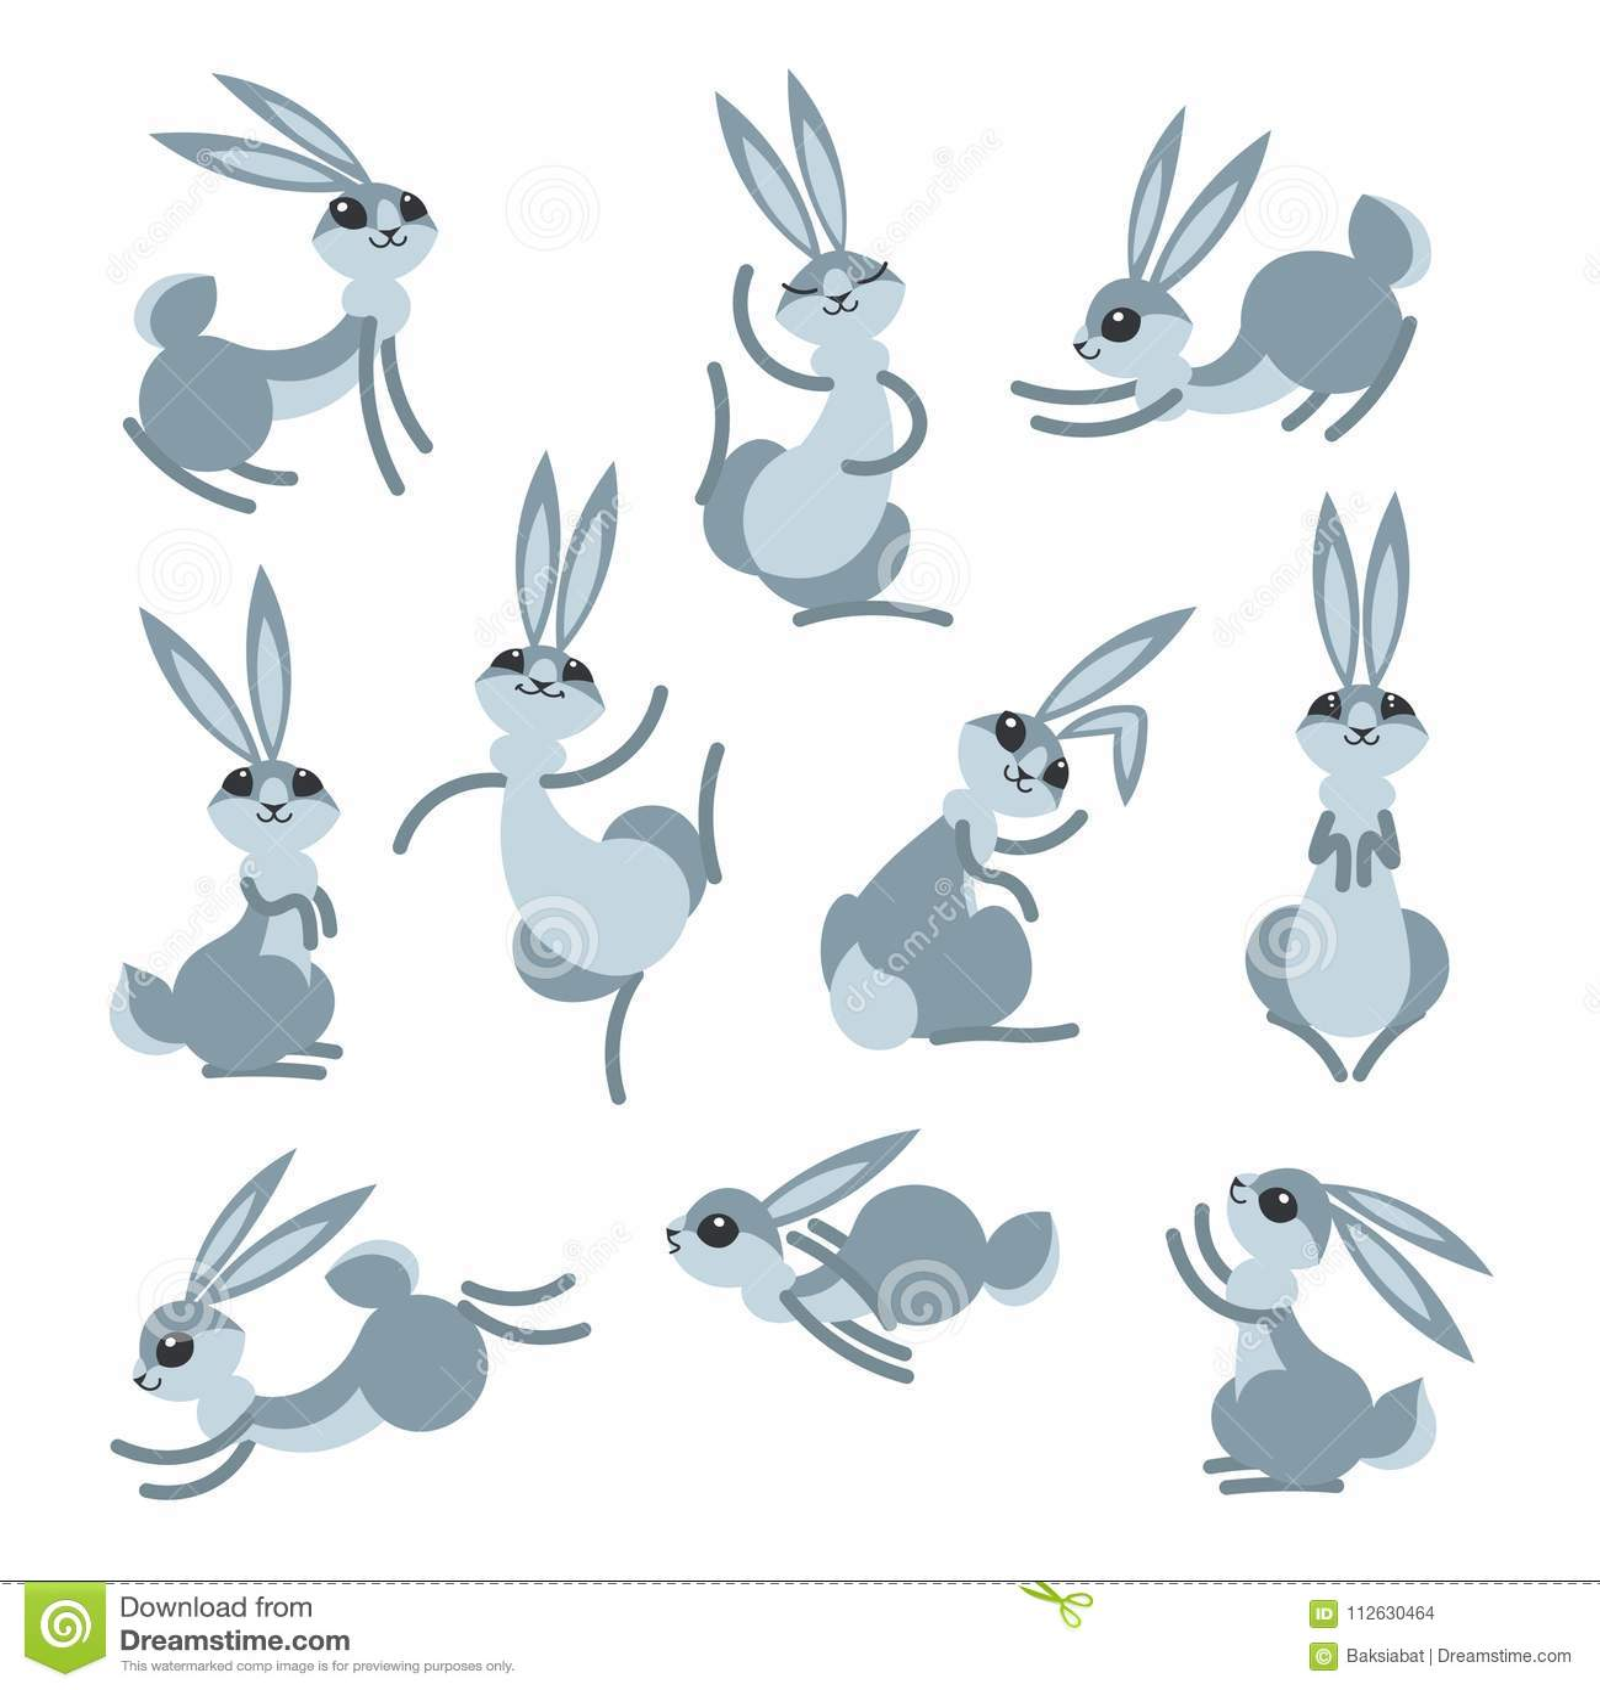 Lustige Kaninchen Bilder Kostenlos Download Bilder Kostenlos Für